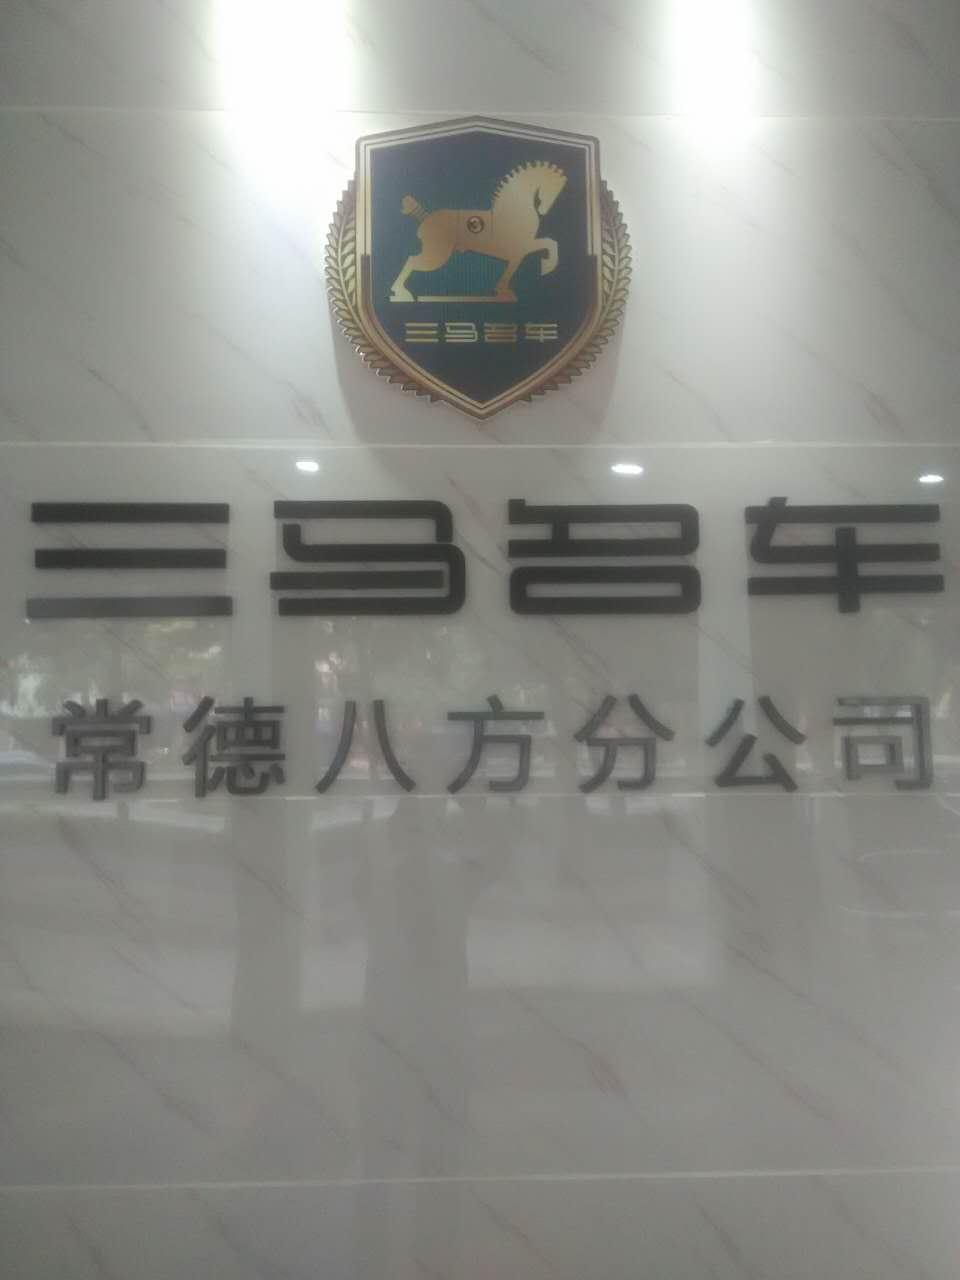 常德八方汽车销售服务有限公司